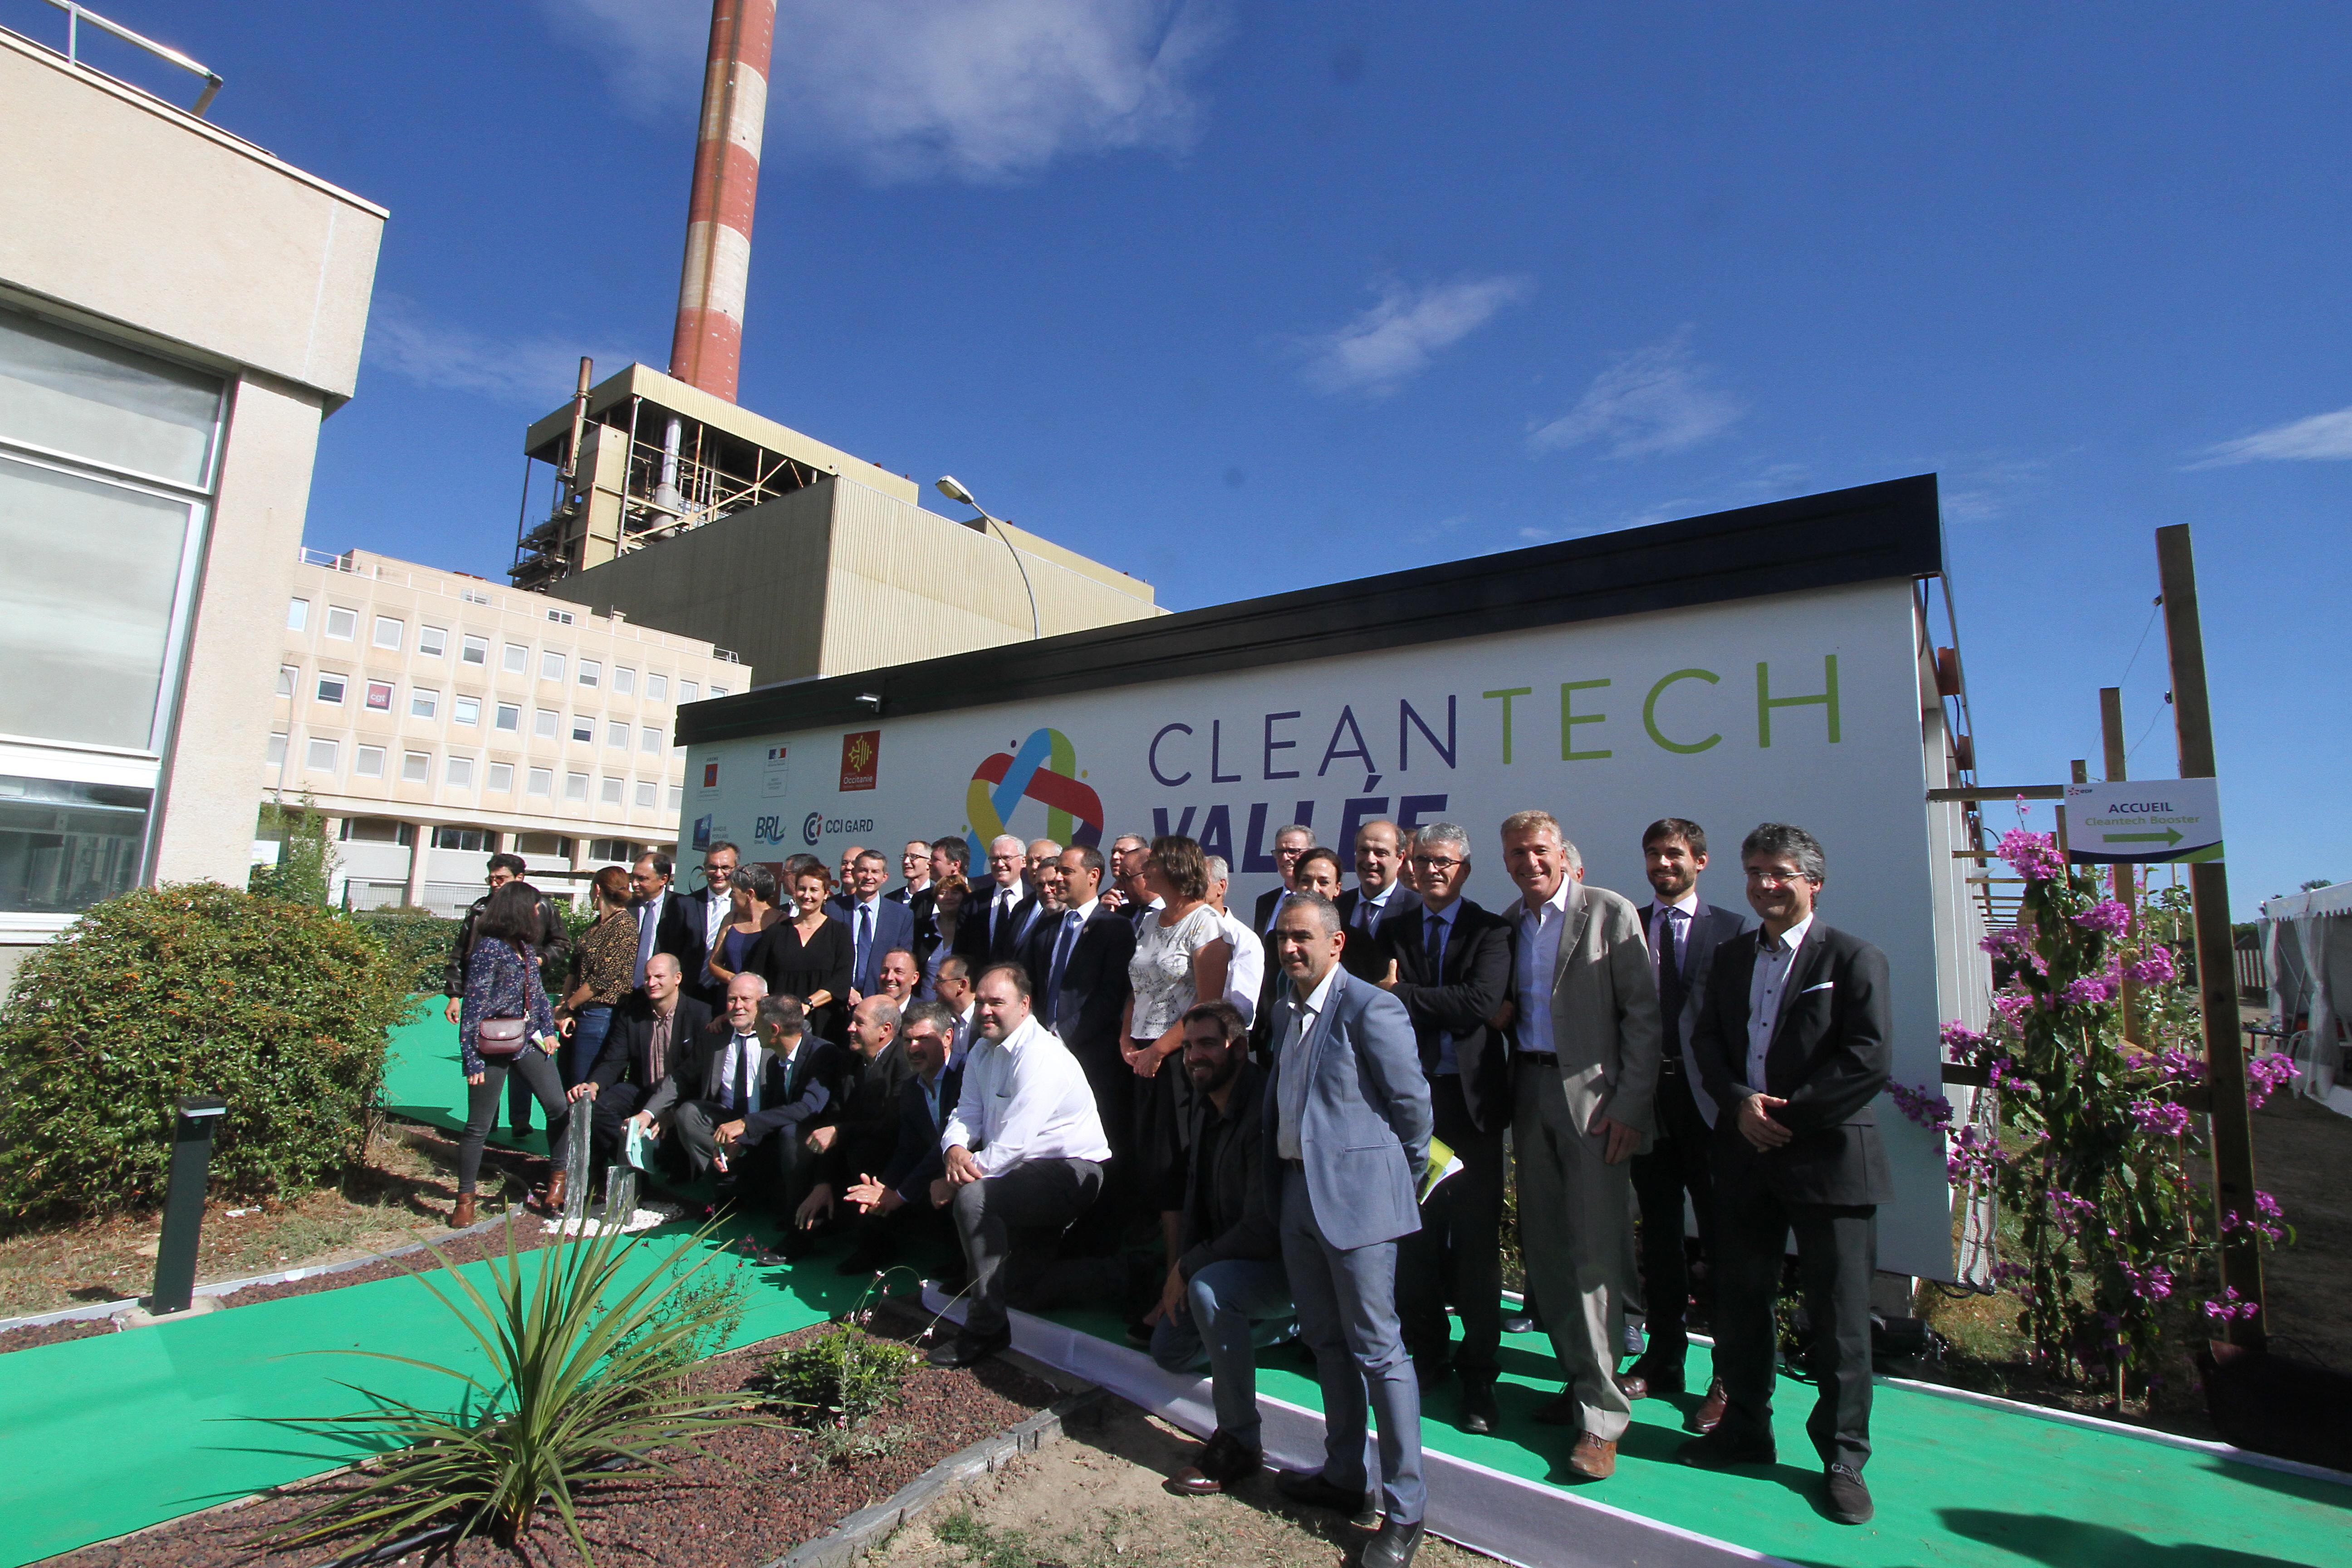 cleantech vallée membres fondateurs partenaires